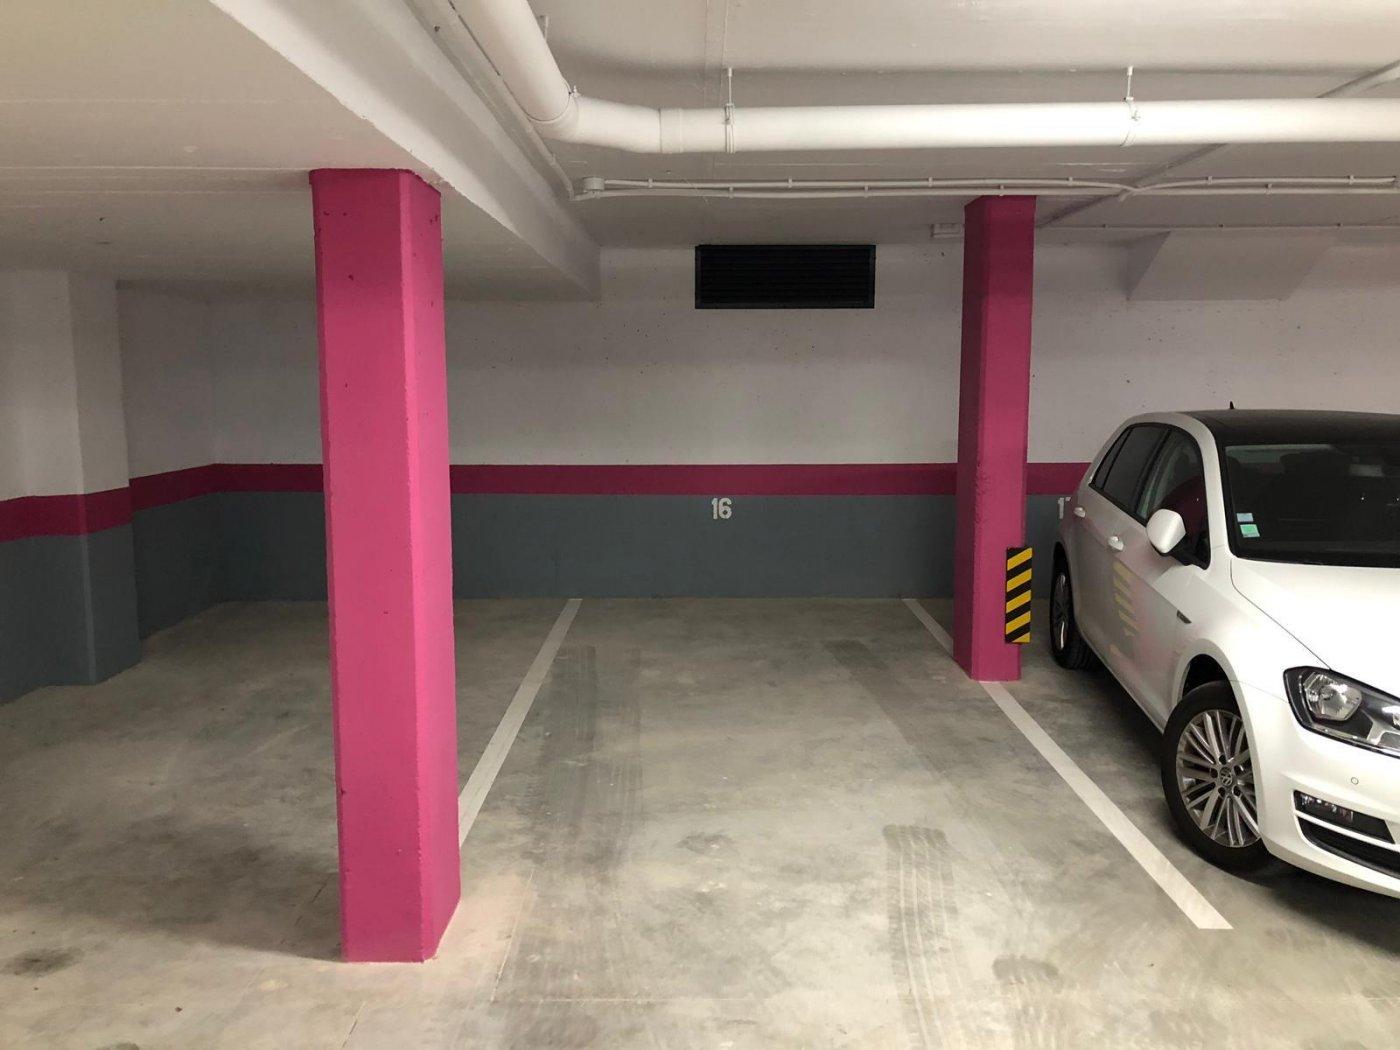 Lloguer Aparcament cotxe  Sitges ,centre. Plaza de parking de alquiler en carrer sant antoni, sitges centr